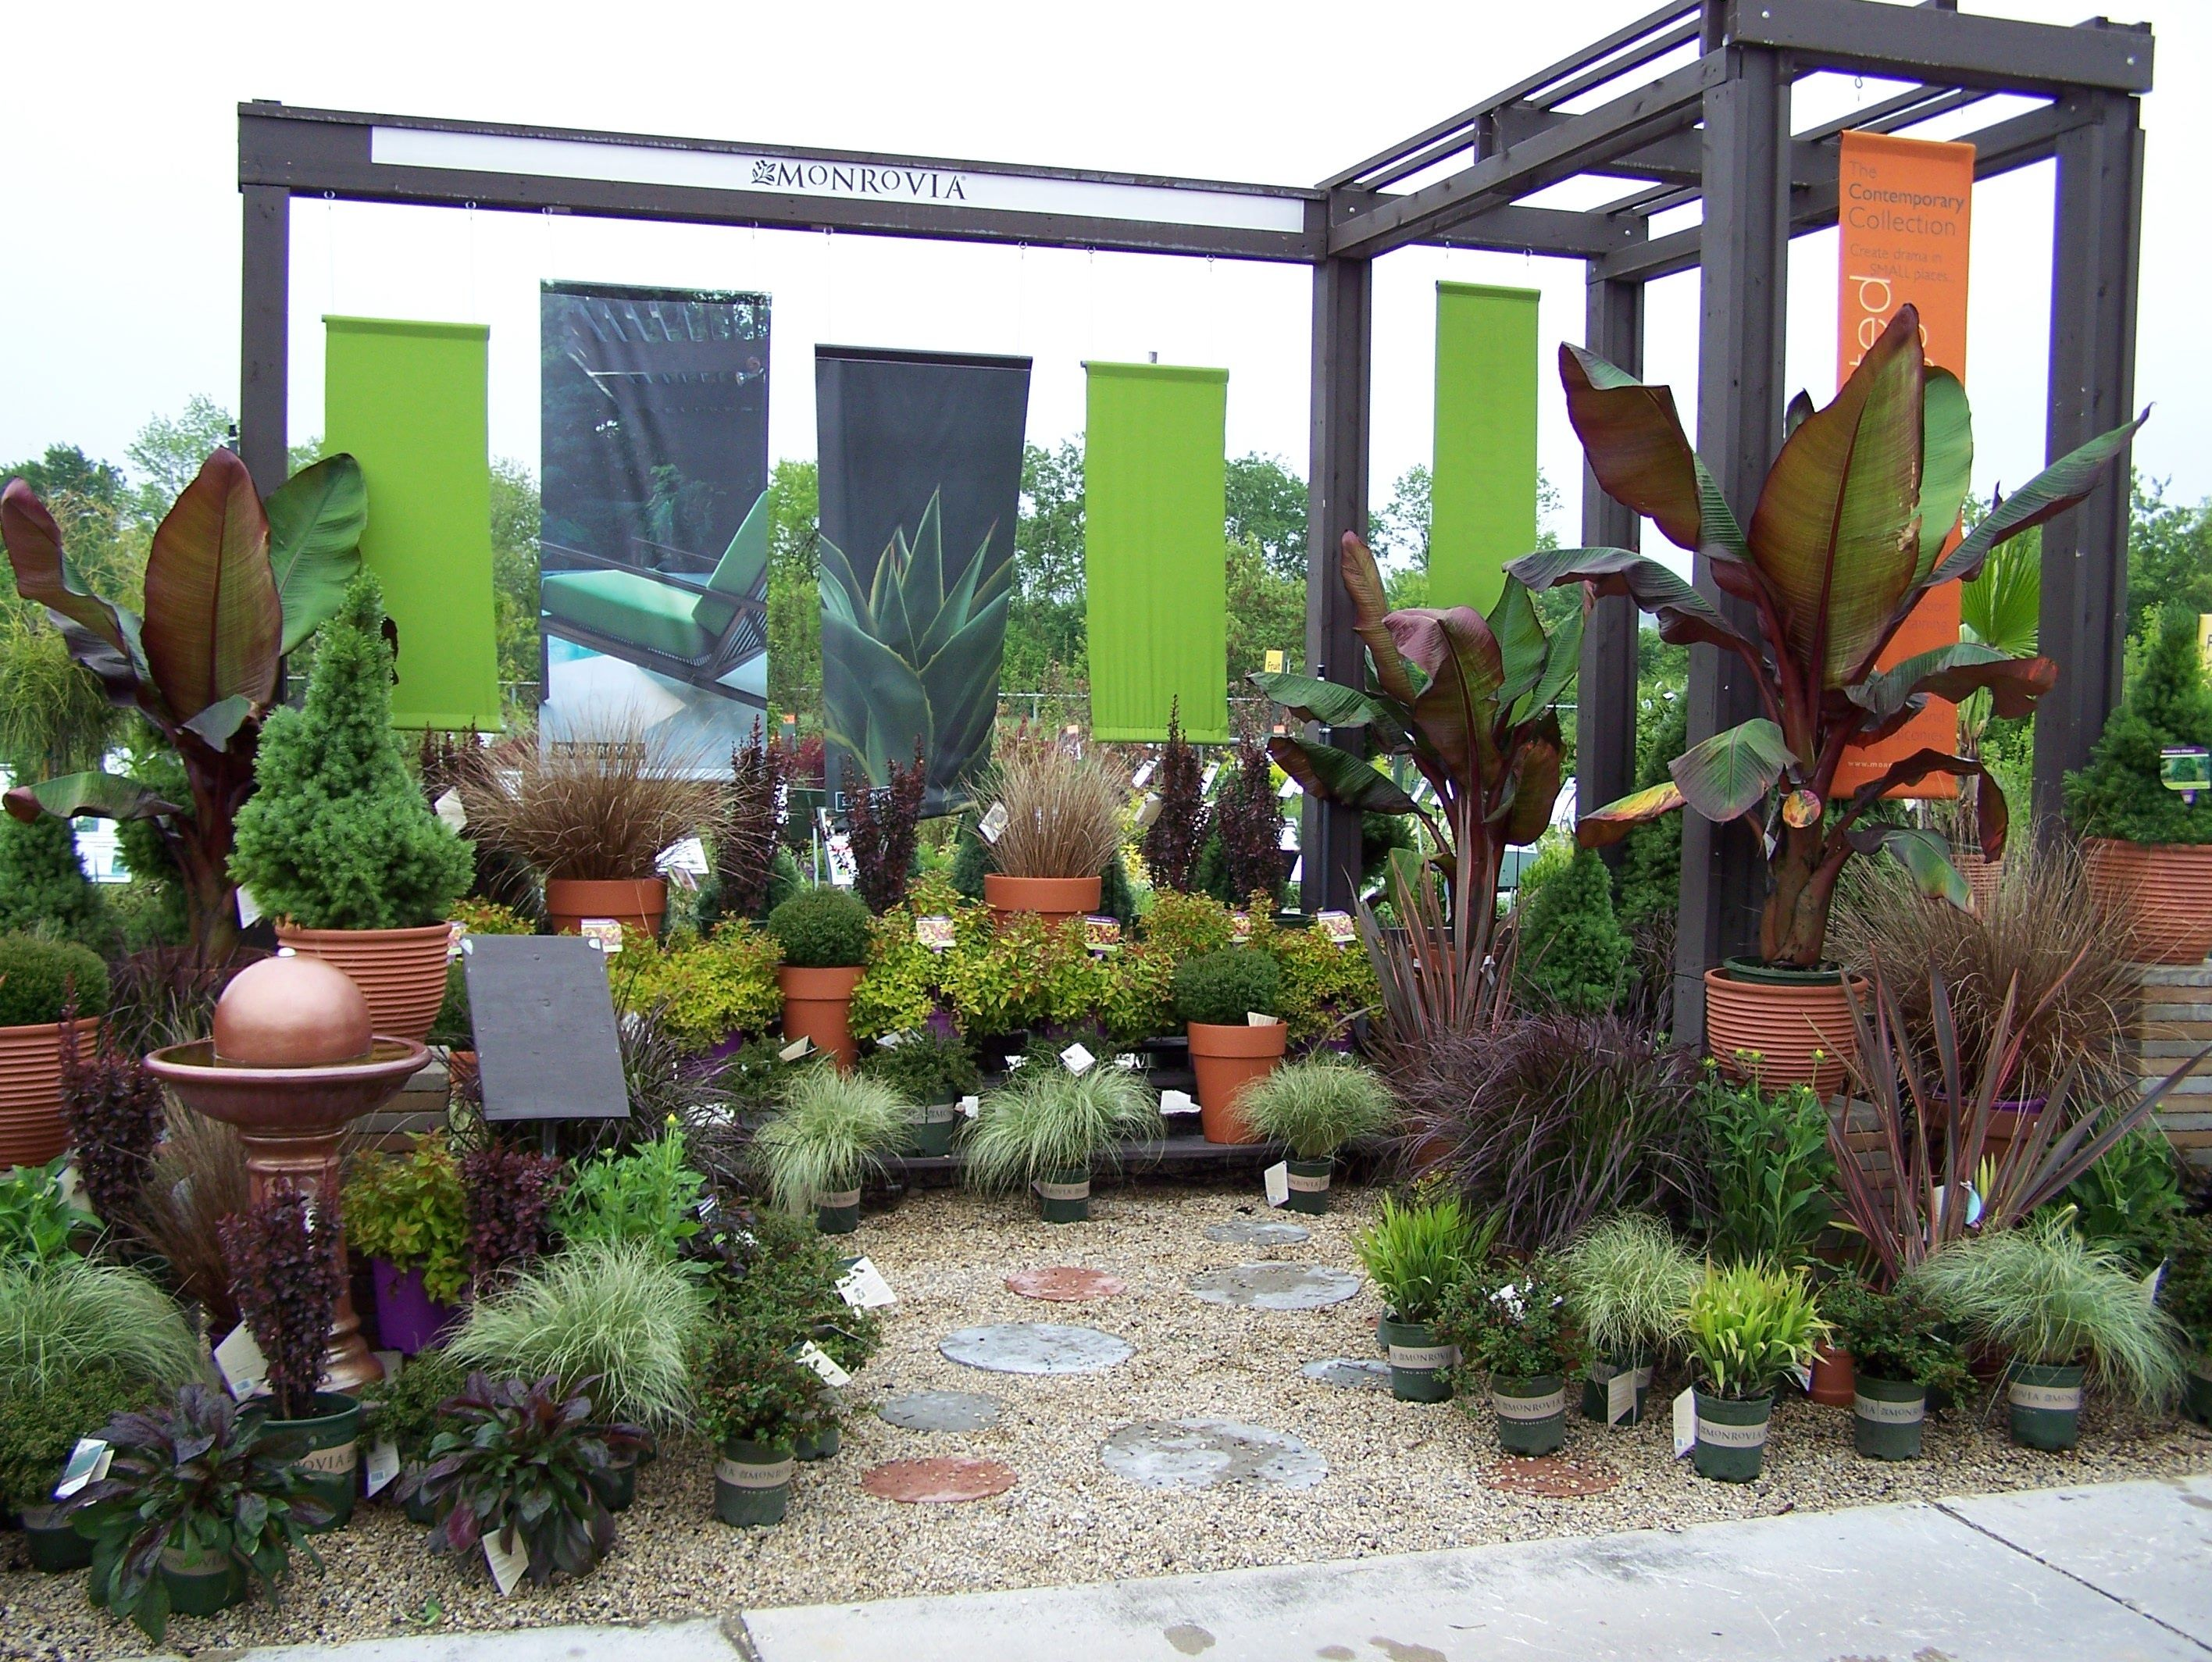 Monrovia Modern/Tropical Garden center displays